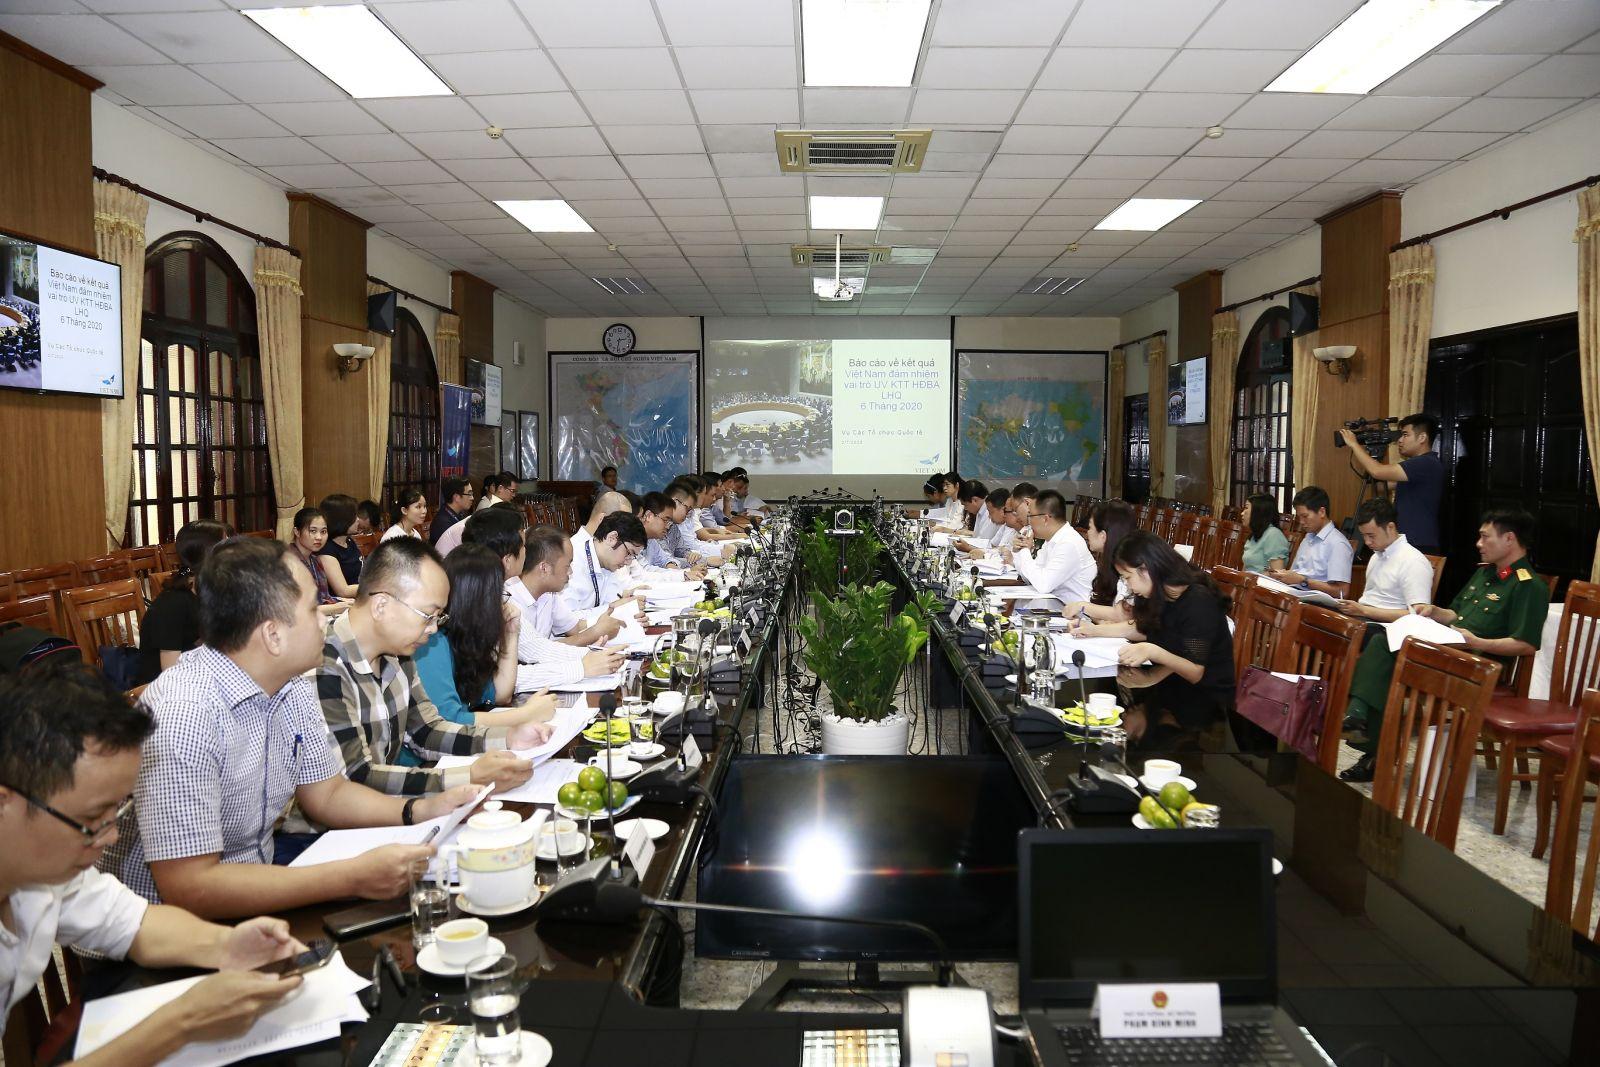 Tổ công tác họp sơ kết công tác tham gia HĐBA của Việt Nam trong 6 tháng đầu năm 2020 và thảo luận về phương hướng, nhiệm vụ trong thời gian tới